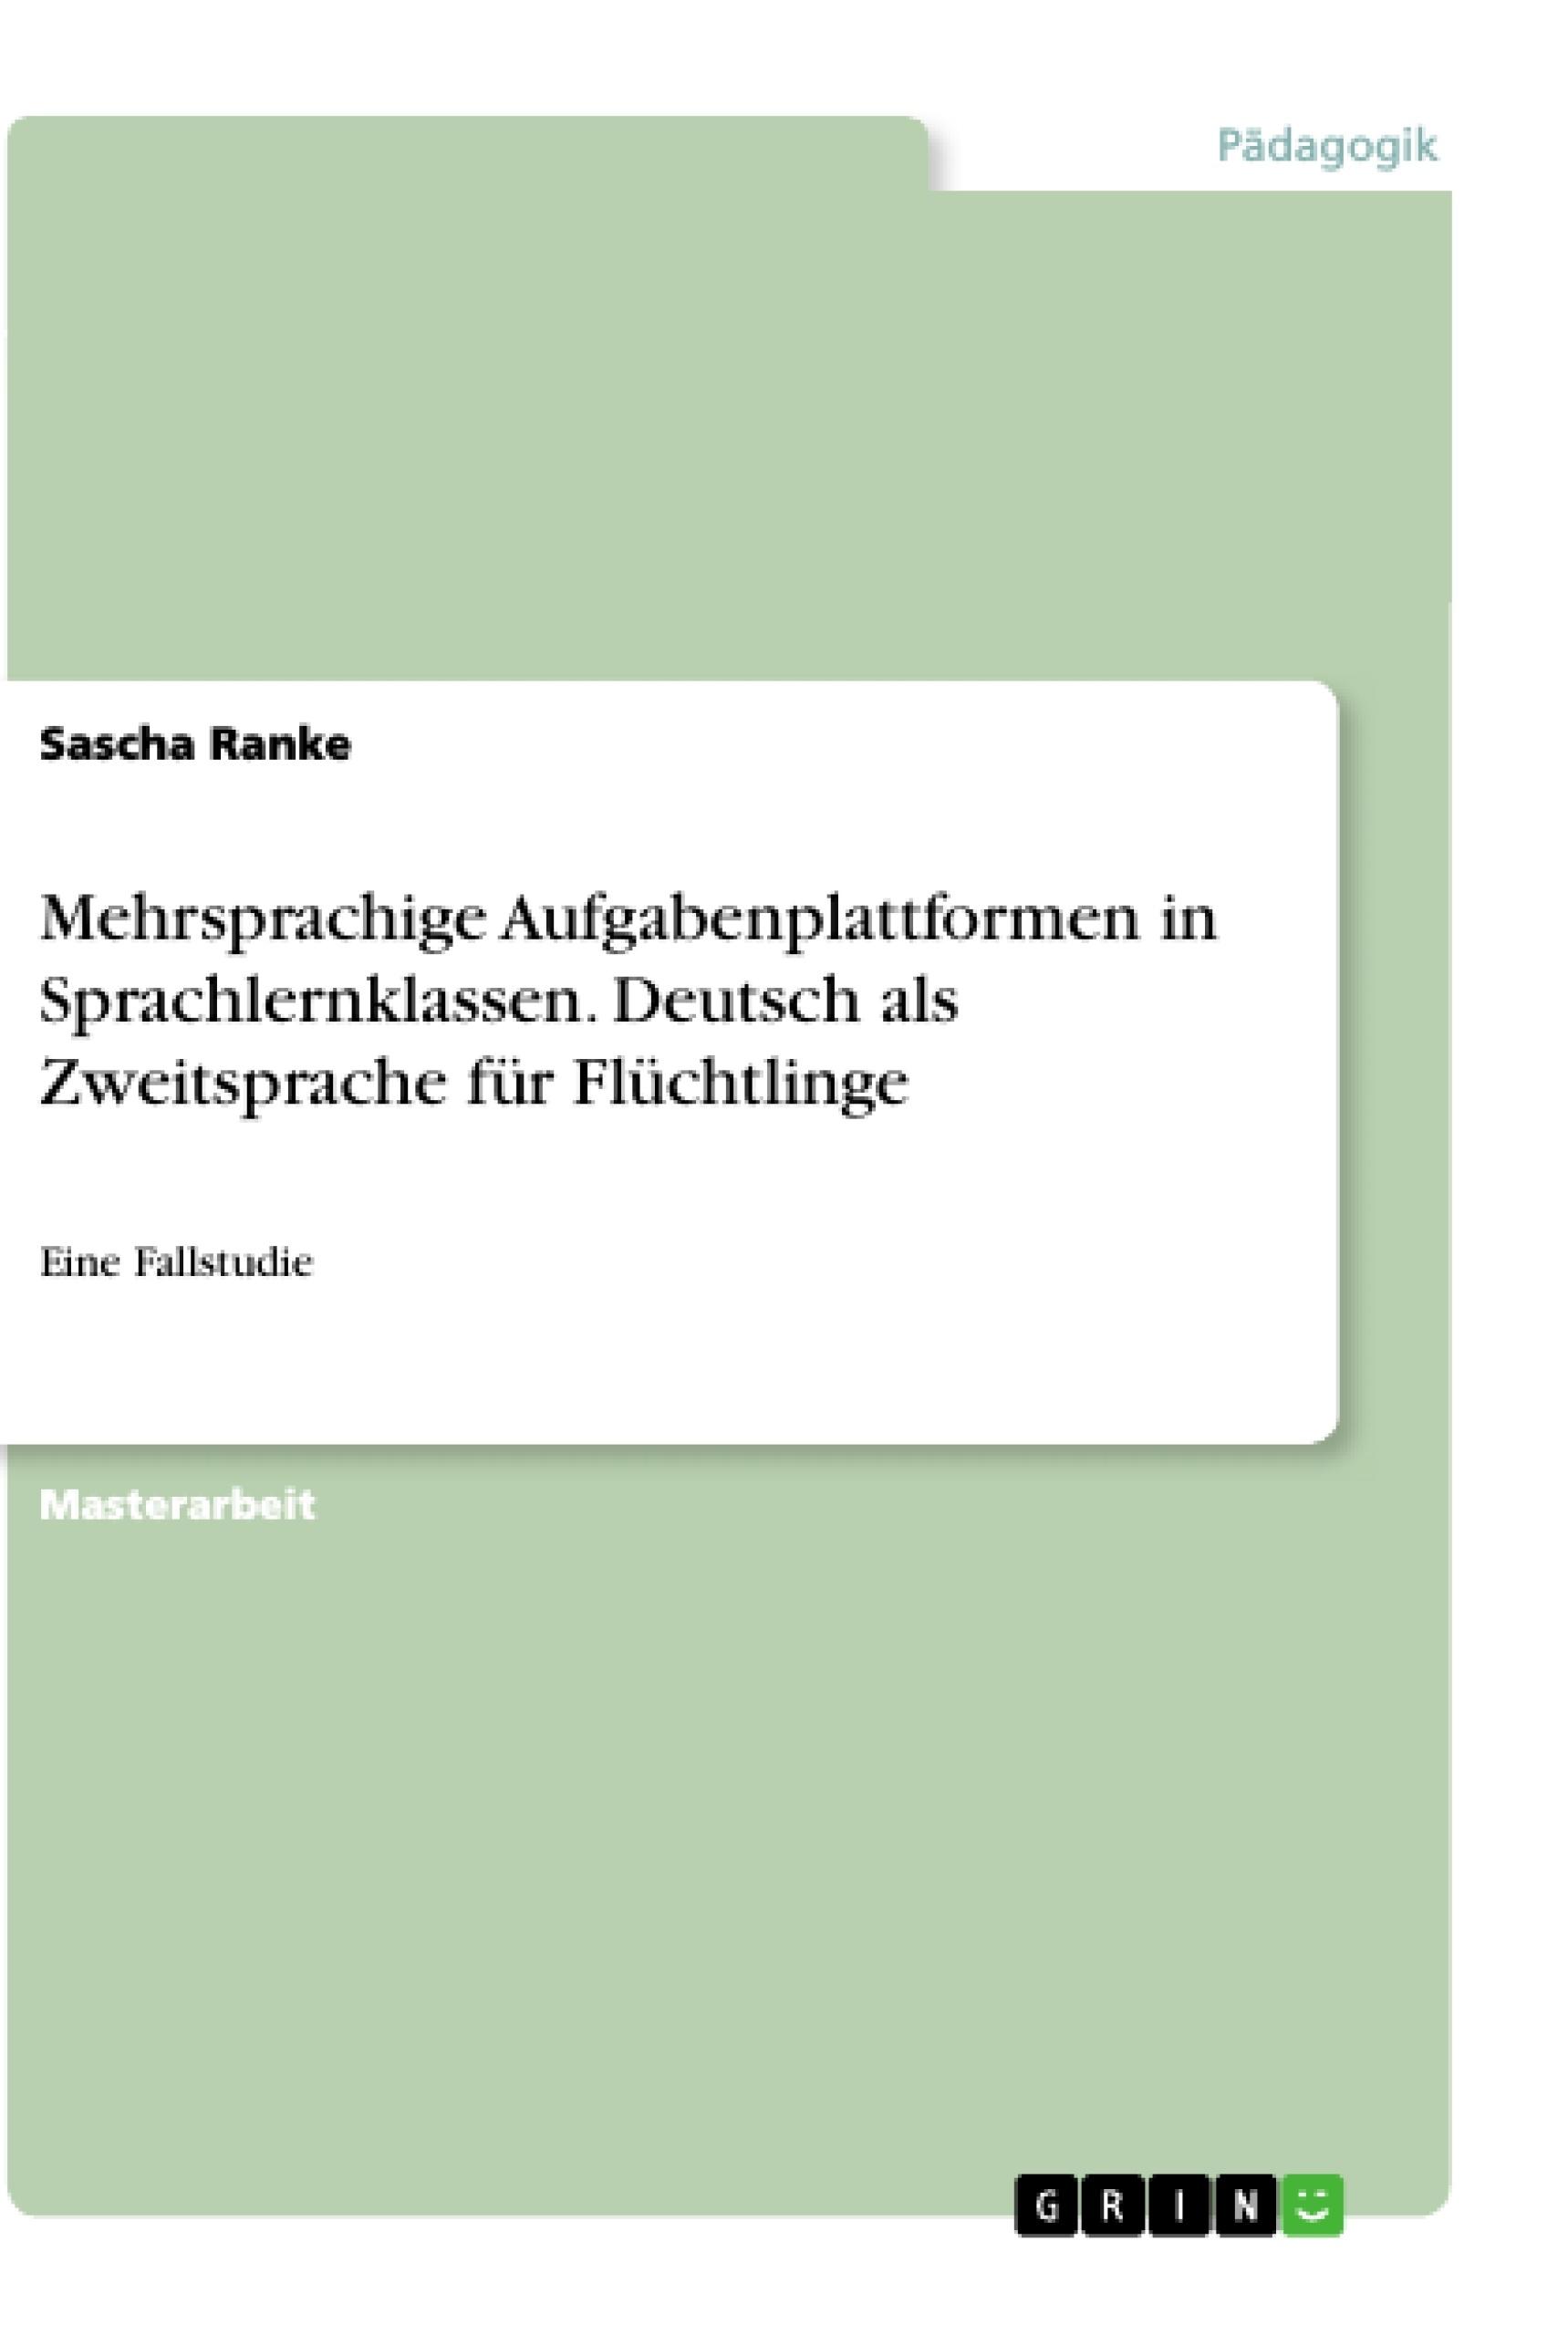 Titel: Mehrsprachige Aufgabenplattformen in Sprachlernklassen. Deutsch als Zweitsprache für Flüchtlinge